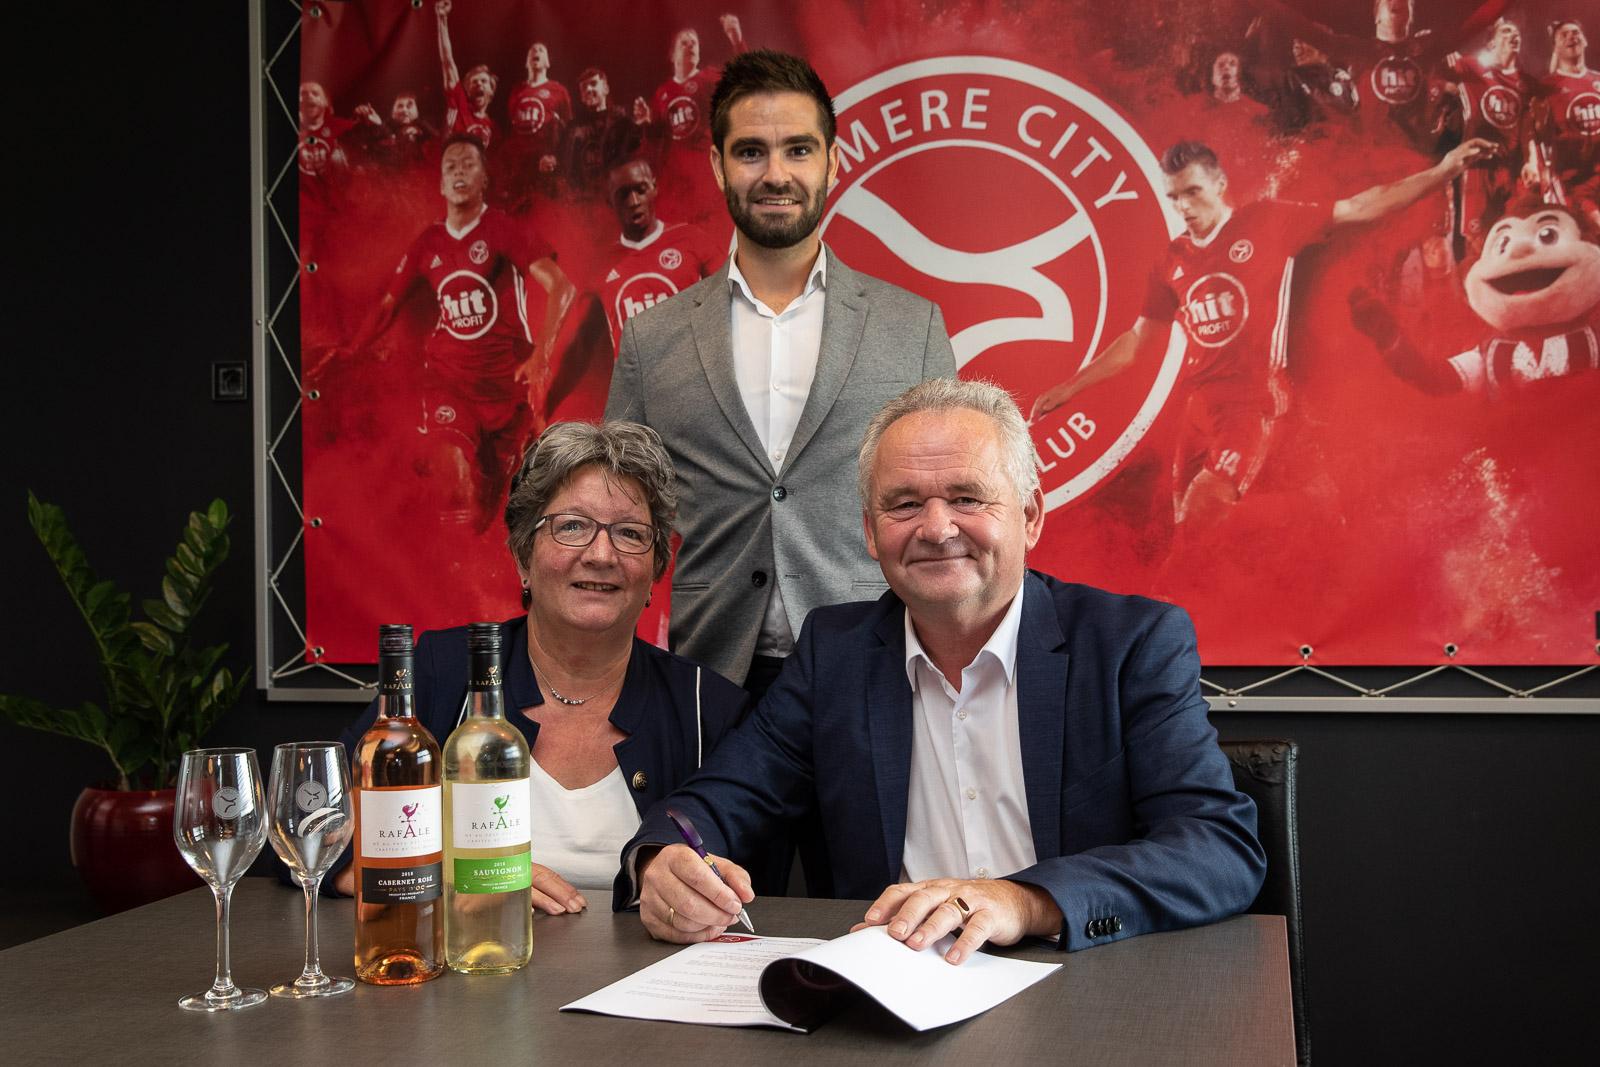 De Wijnkelder Almere proost op nieuw businessclub seizoen